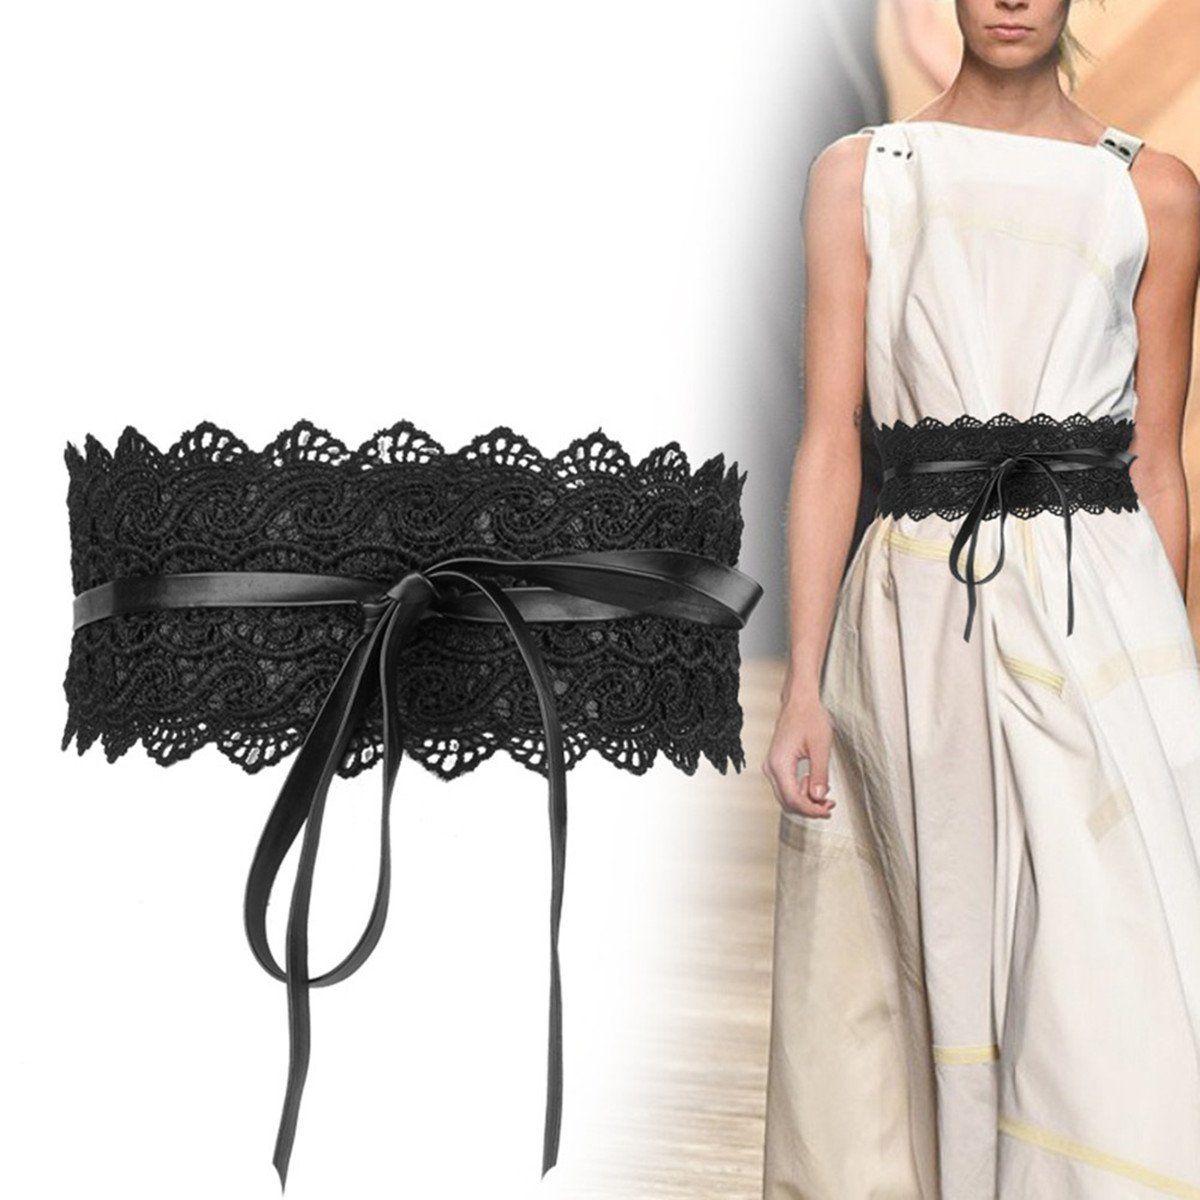 Women Faux Leather Wide Self Tie Wrap Around Obi Waist Band Cinch Boho Belt